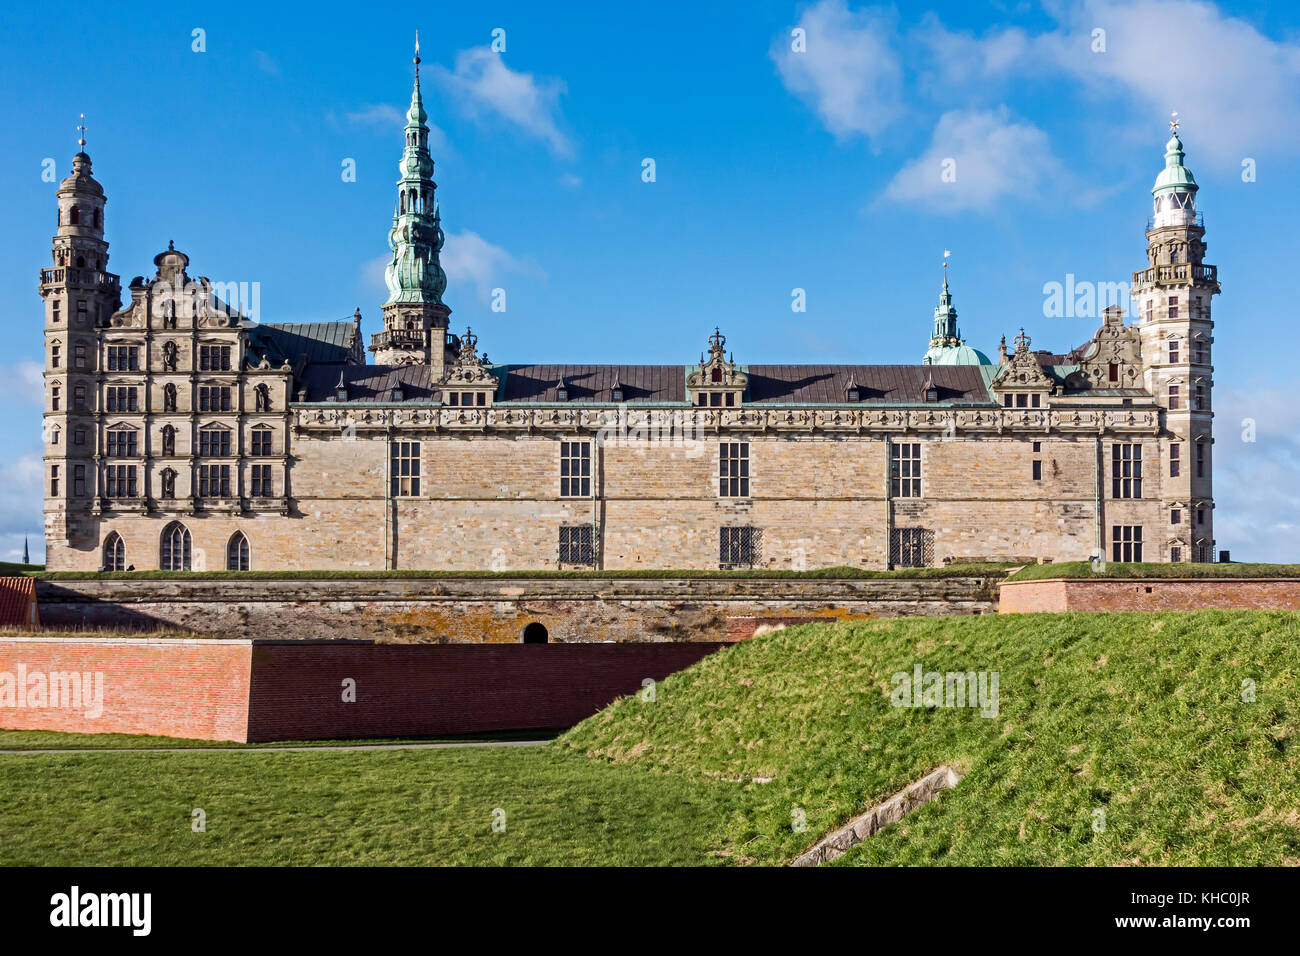 Kronborg Slot (Castle) in Elsinore Denmark Europe - Stock Image